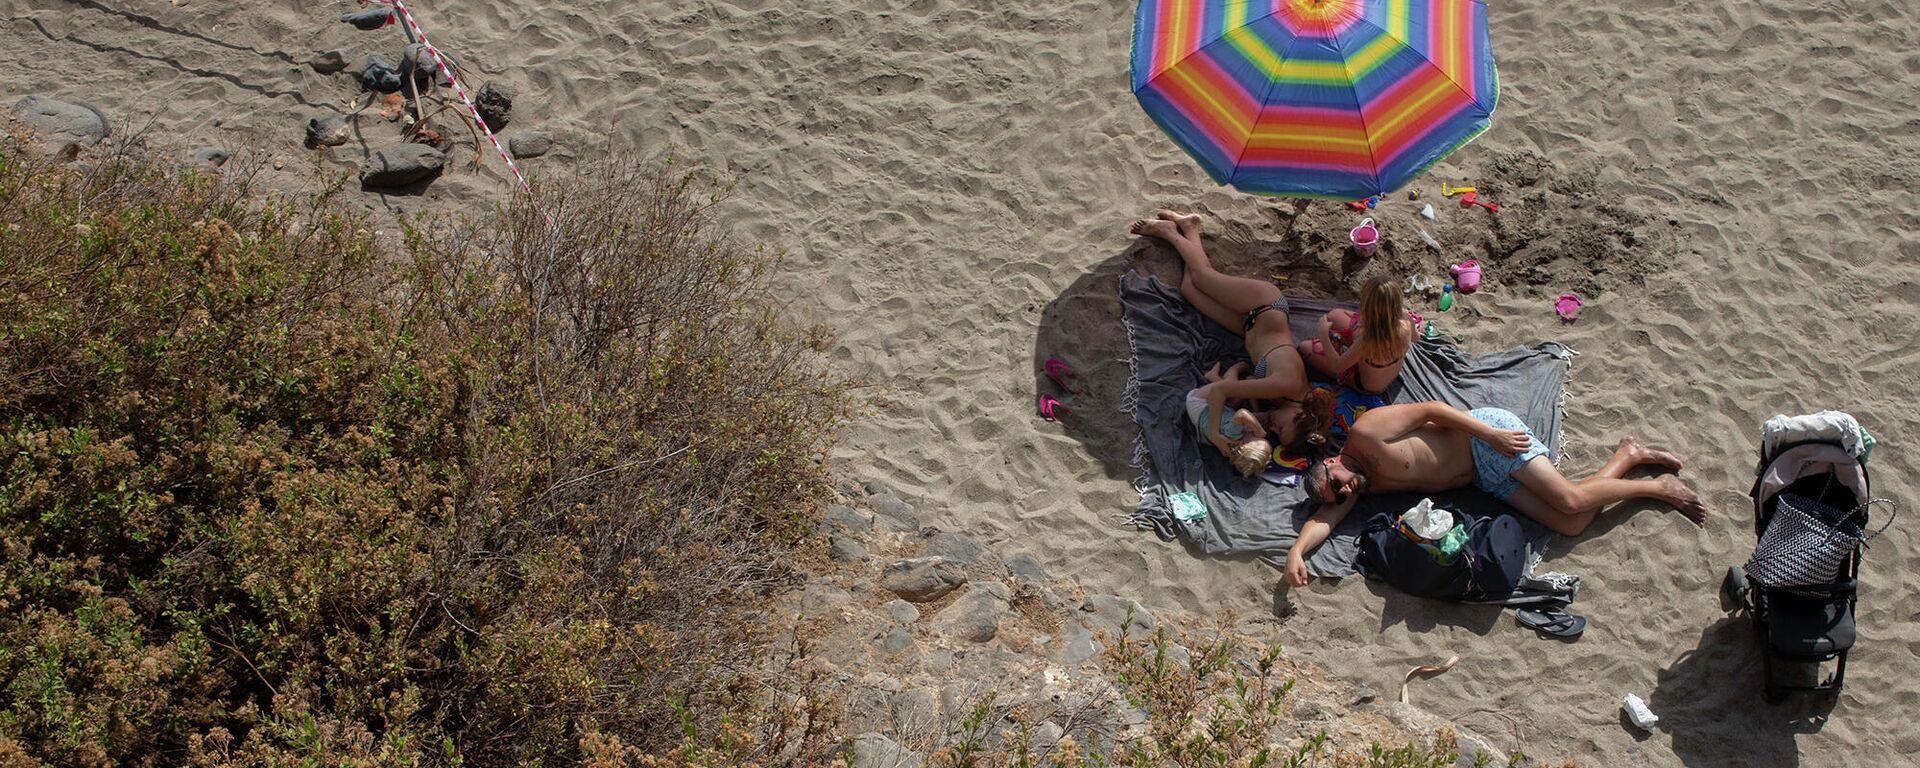 Die Menschen am Strand der Kanarischen Insel Teneriffa, Spanien, 1. März 2020.  - SNA, 1920, 16.02.2021